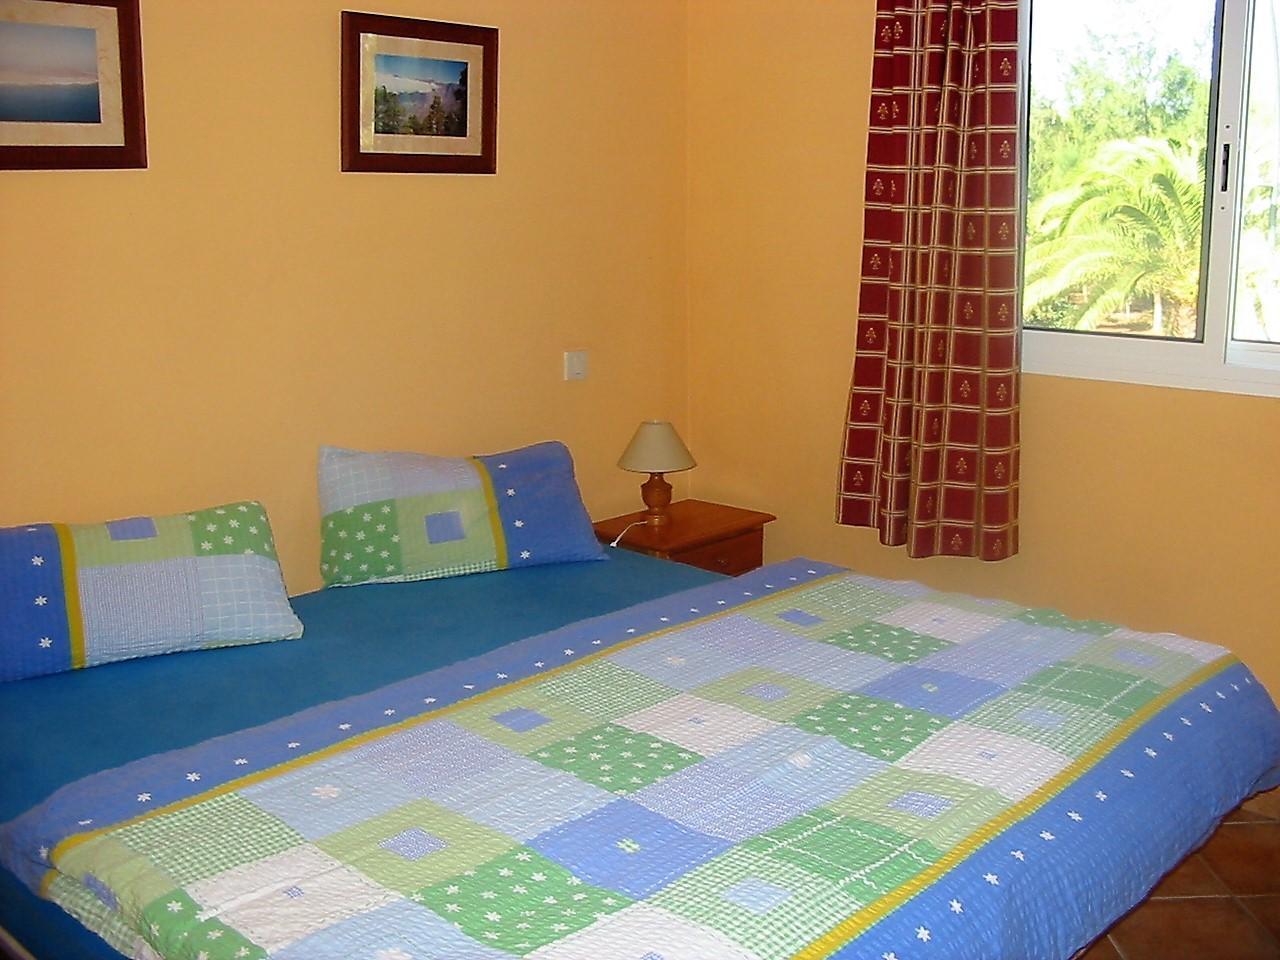 Ferienwohnung Penthouse / Apt. in der besten Gegend von Costa Calma, mit Blick auf eine große Terrasse a (487472), Costa Calma, Fuerteventura, Kanarische Inseln, Spanien, Bild 10